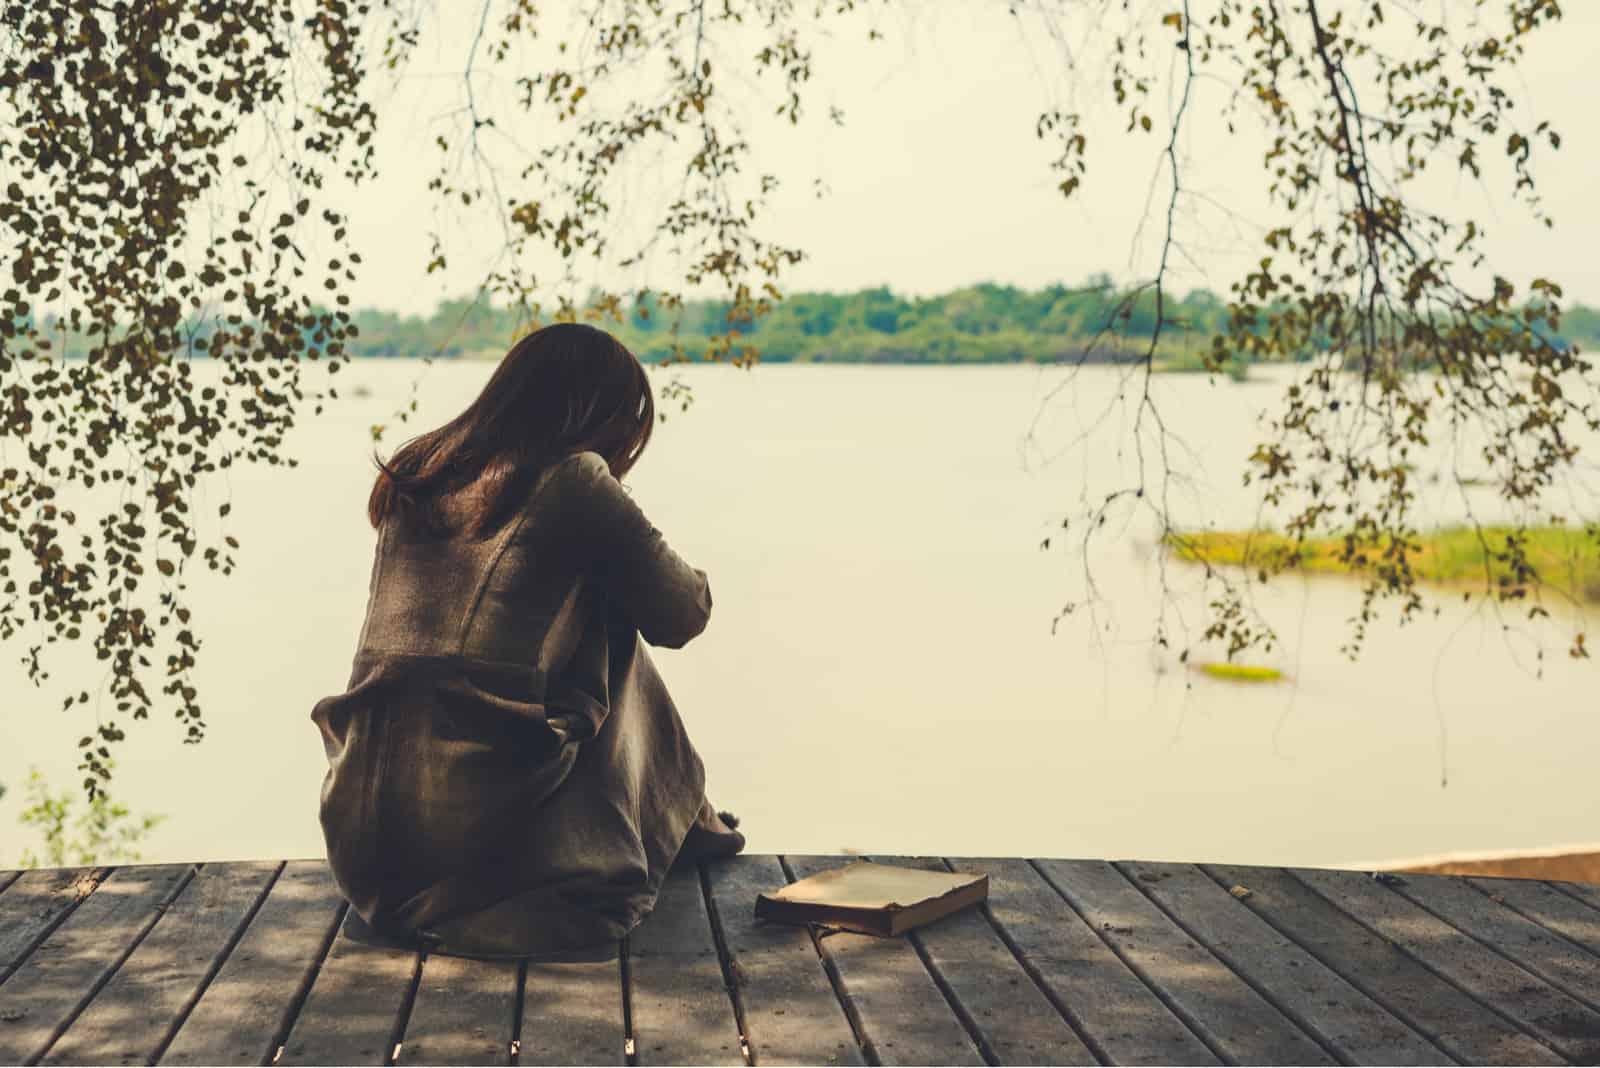 Einsame traurige Frau